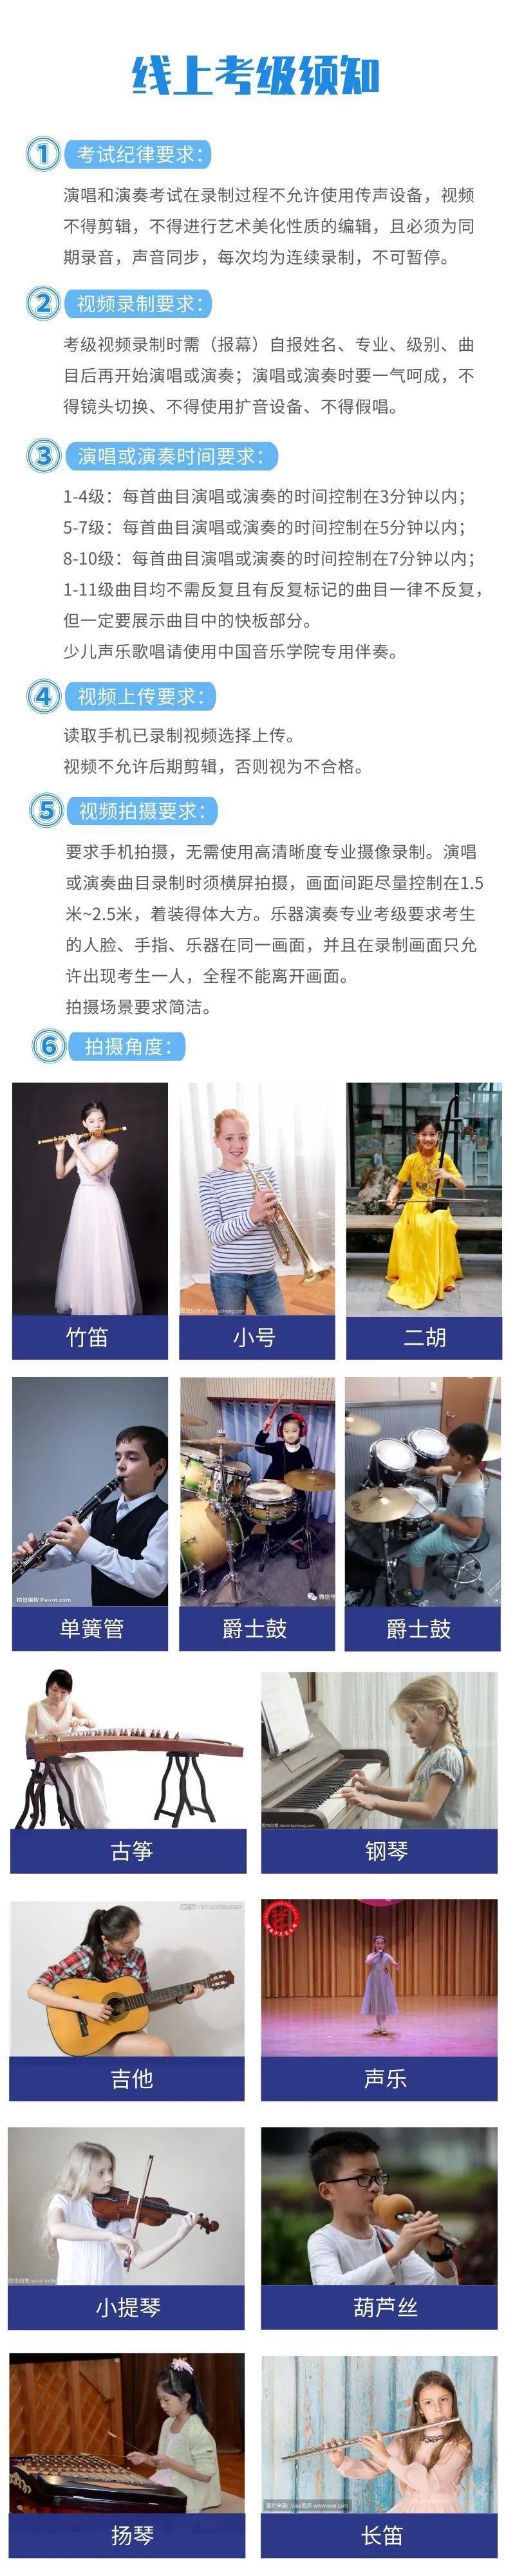 中国音乐学院全国社会艺术水平考级(2021年暑假)重庆考区报考简章 第5张